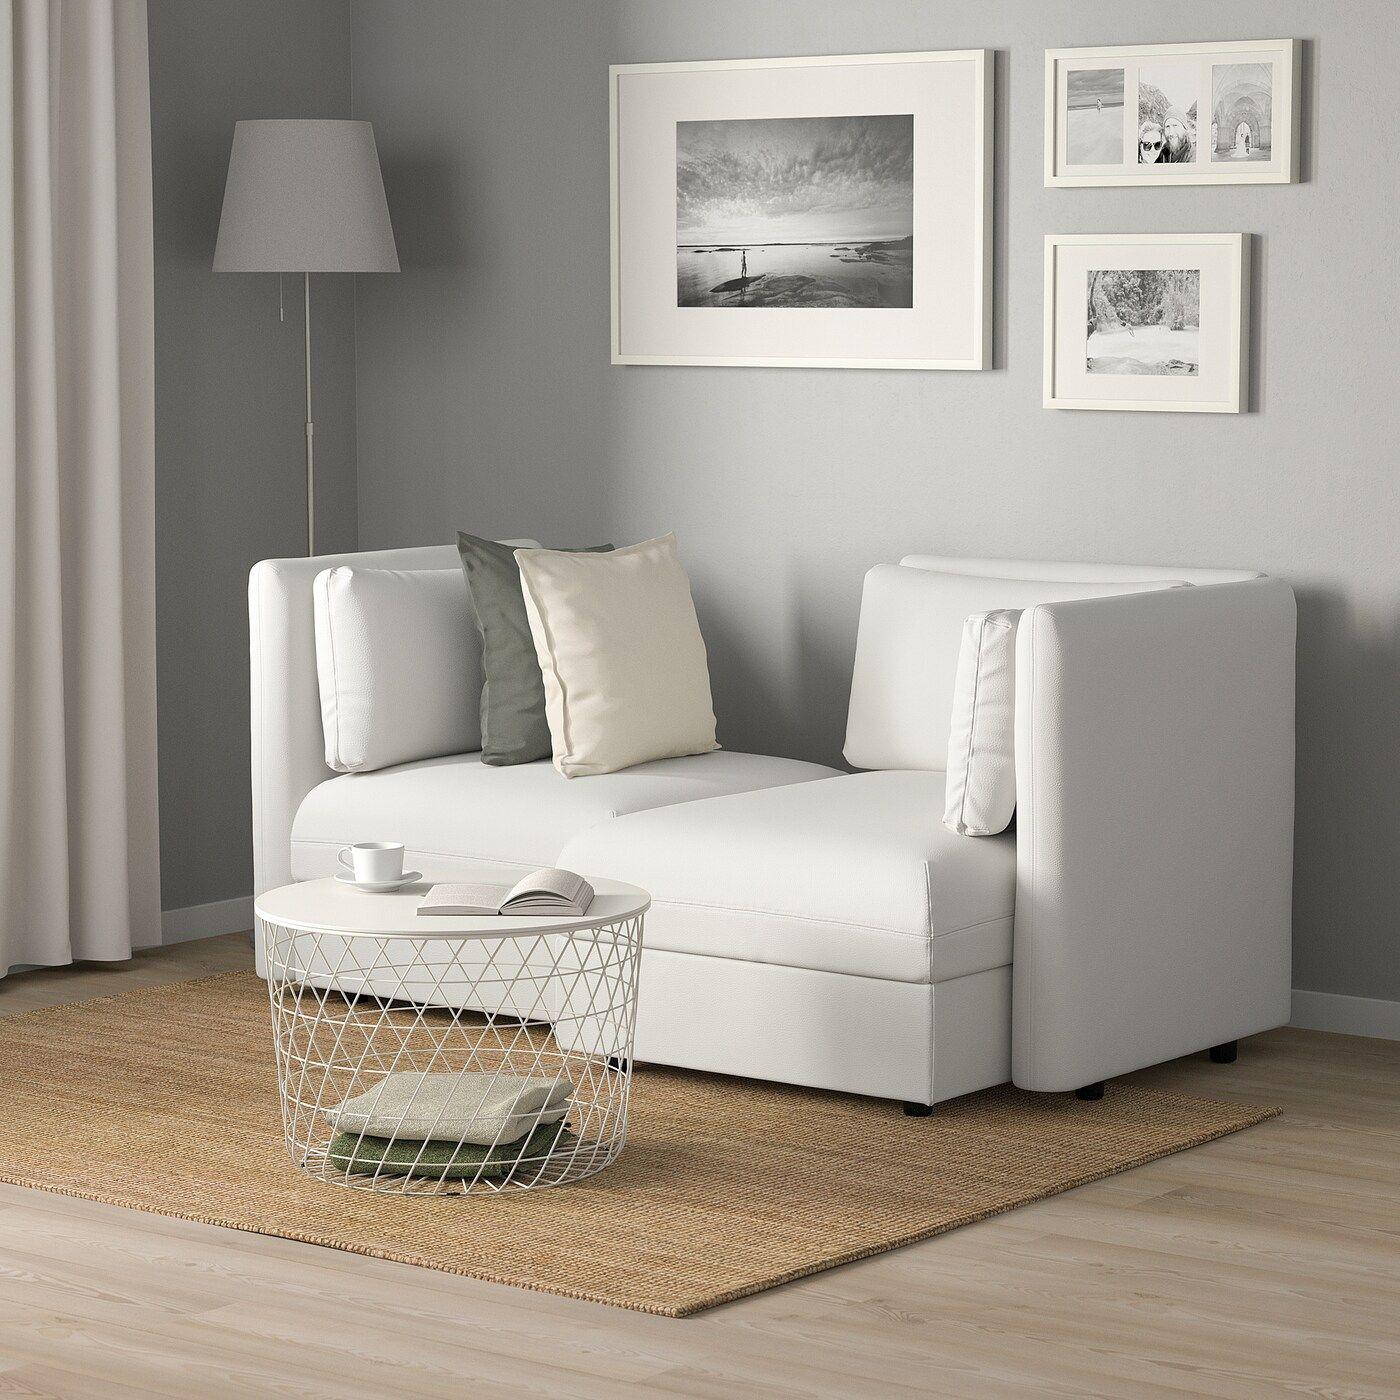 VALLENTUNA 2er sitzelement mit StauraumMurum weiß IKEA